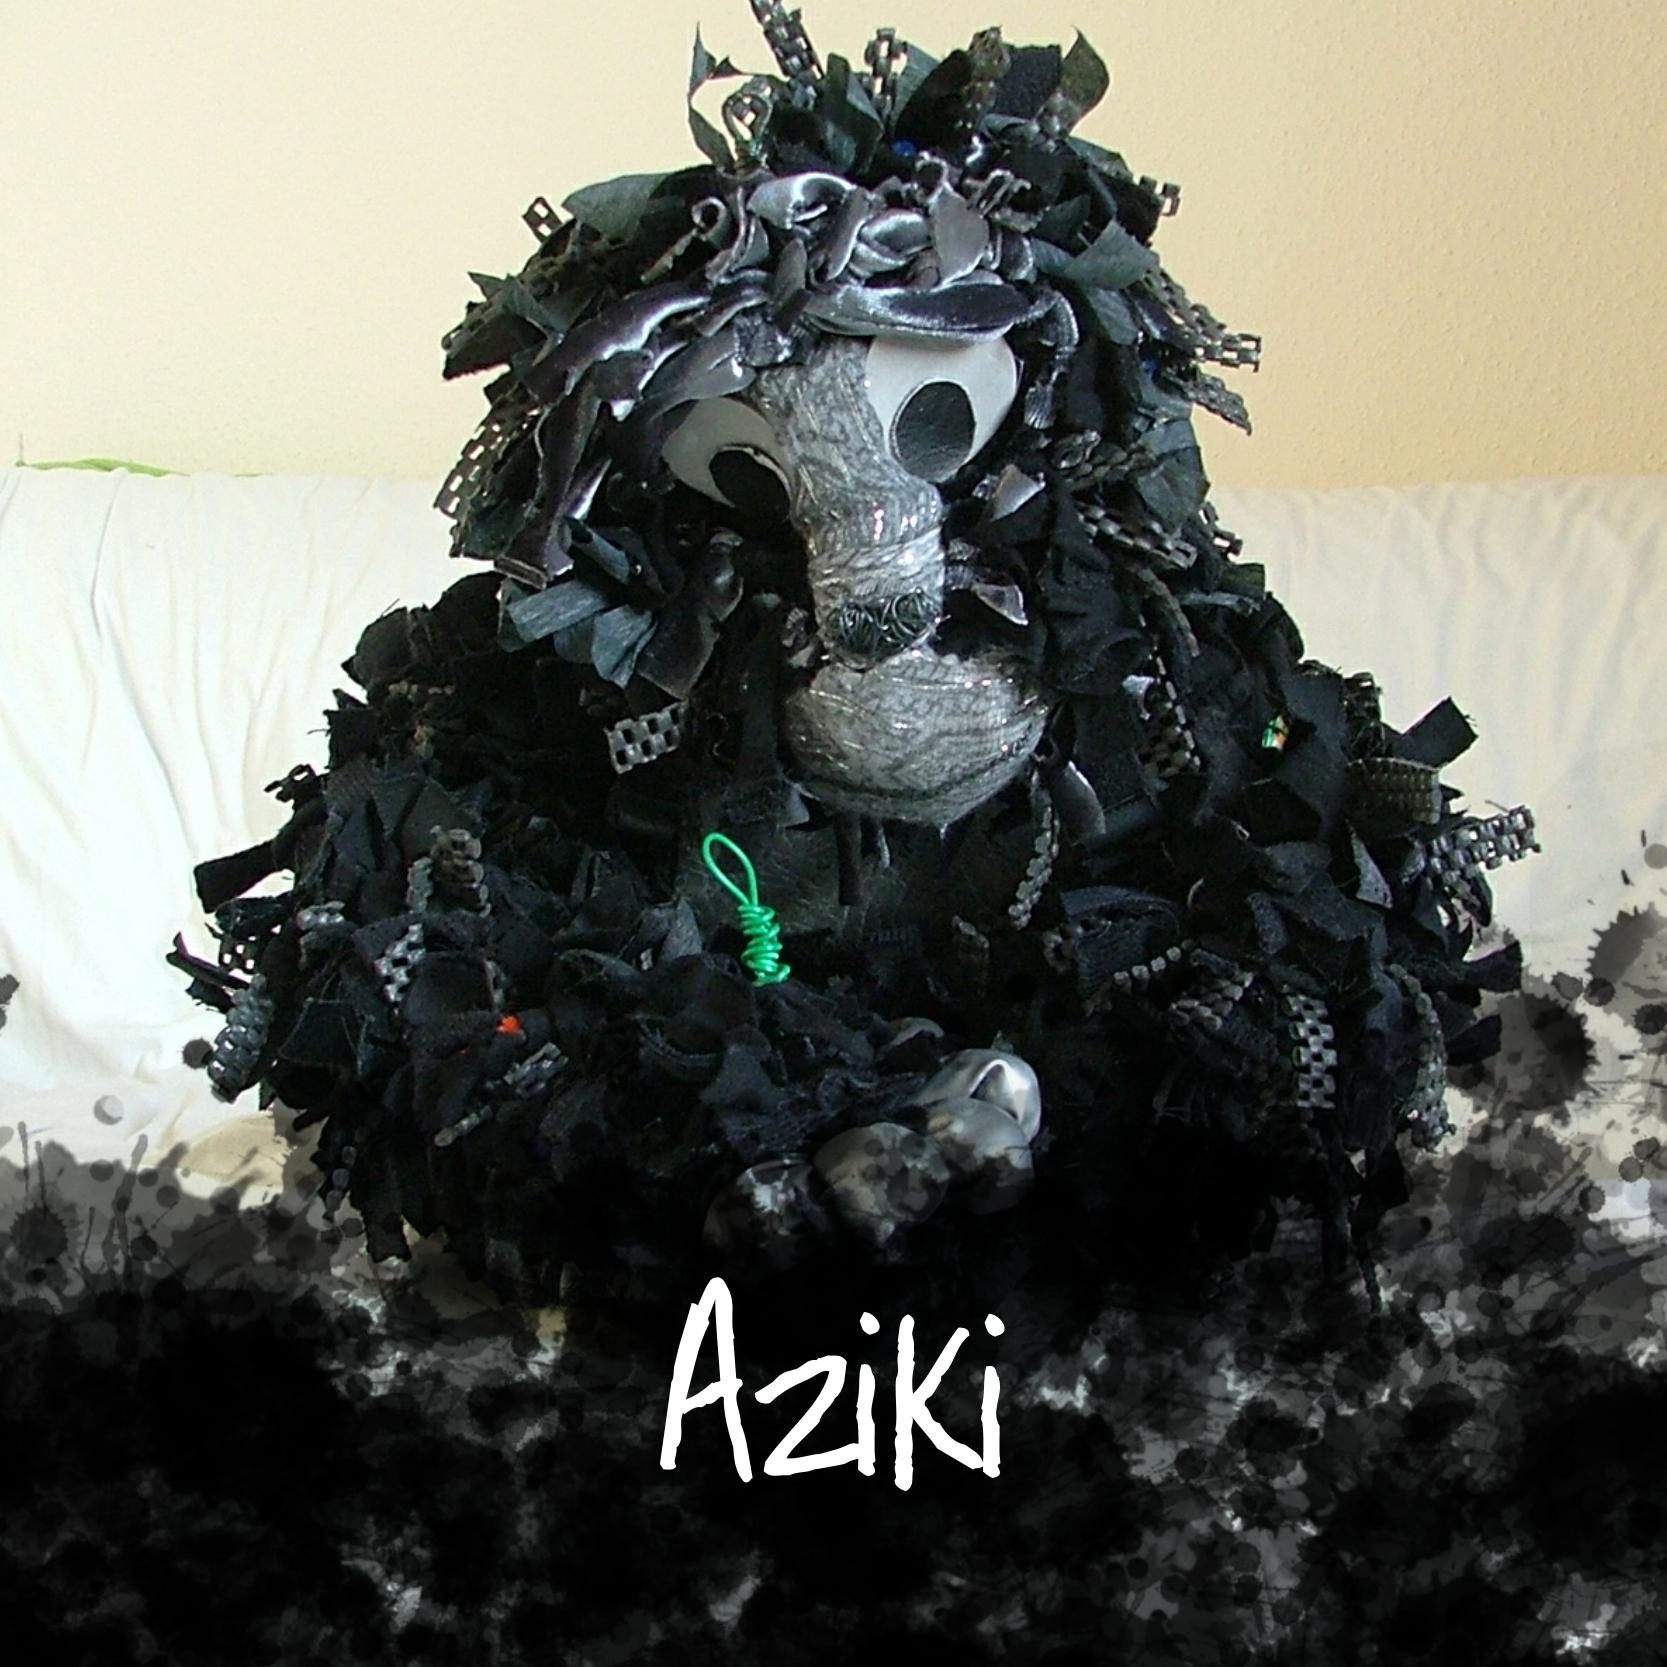 Aziki the Gorilla